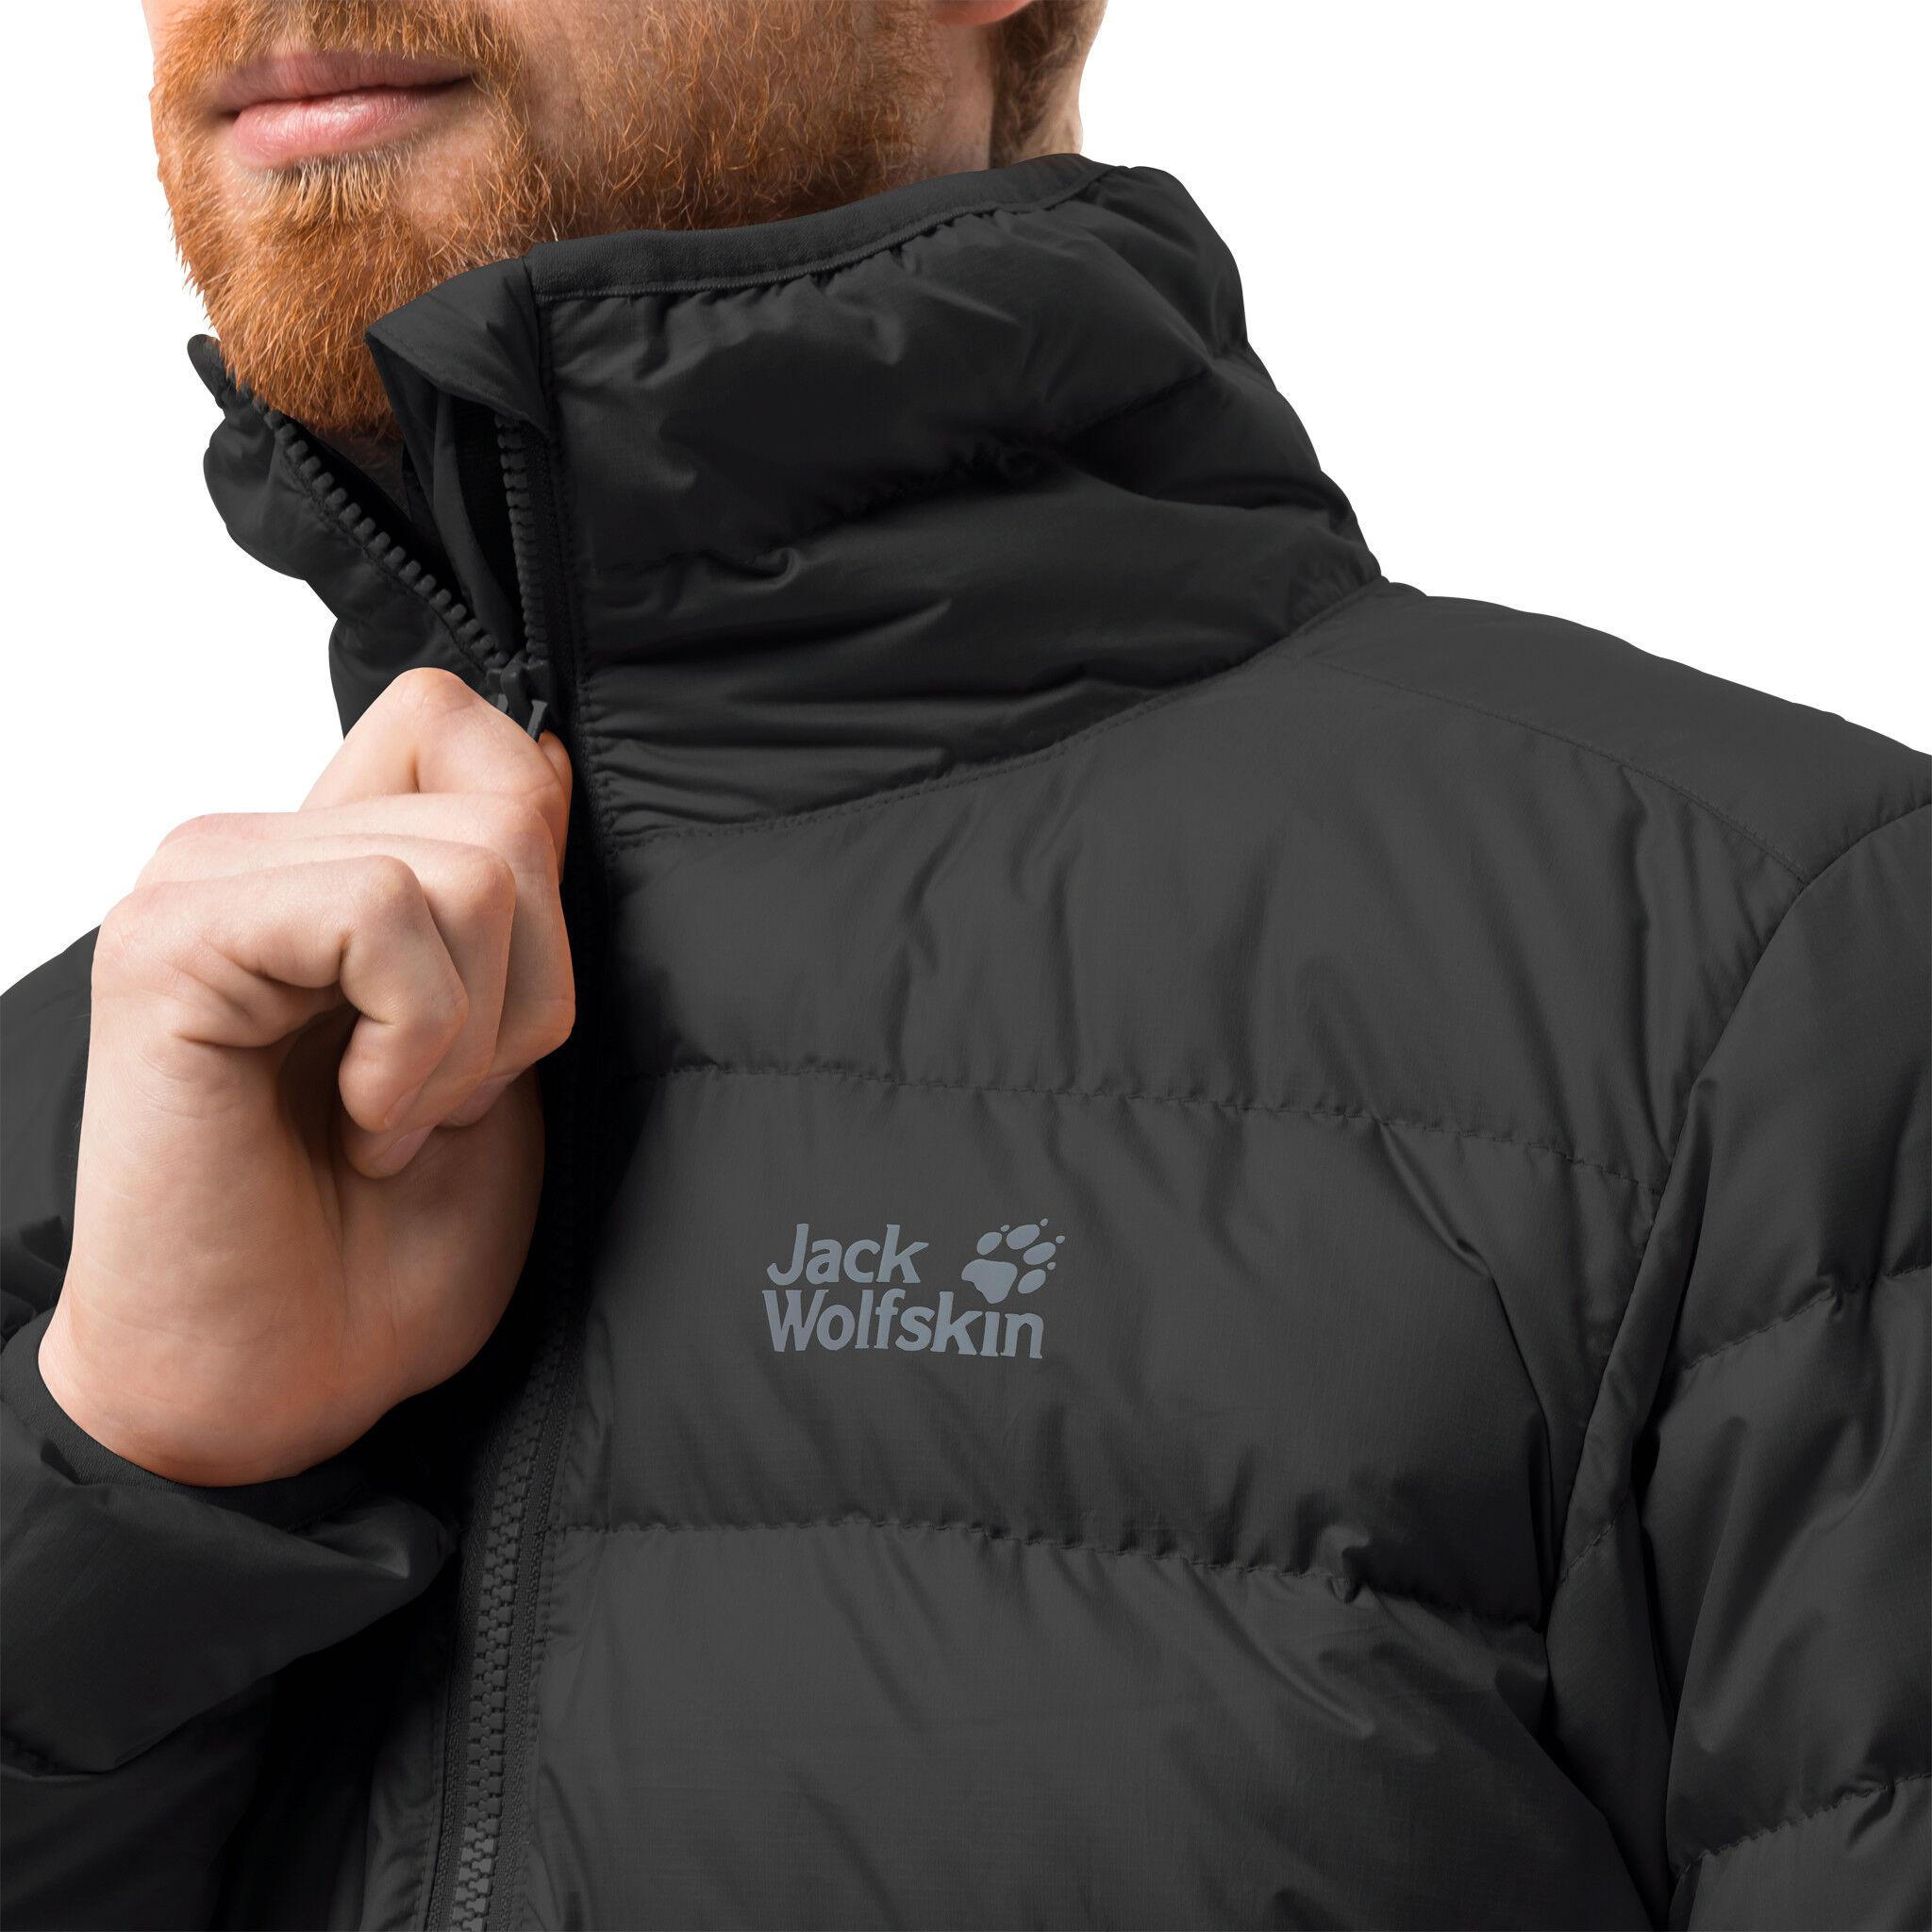 Black Herren Jack High Wolfskin Jacket Helium 53c4jqARL